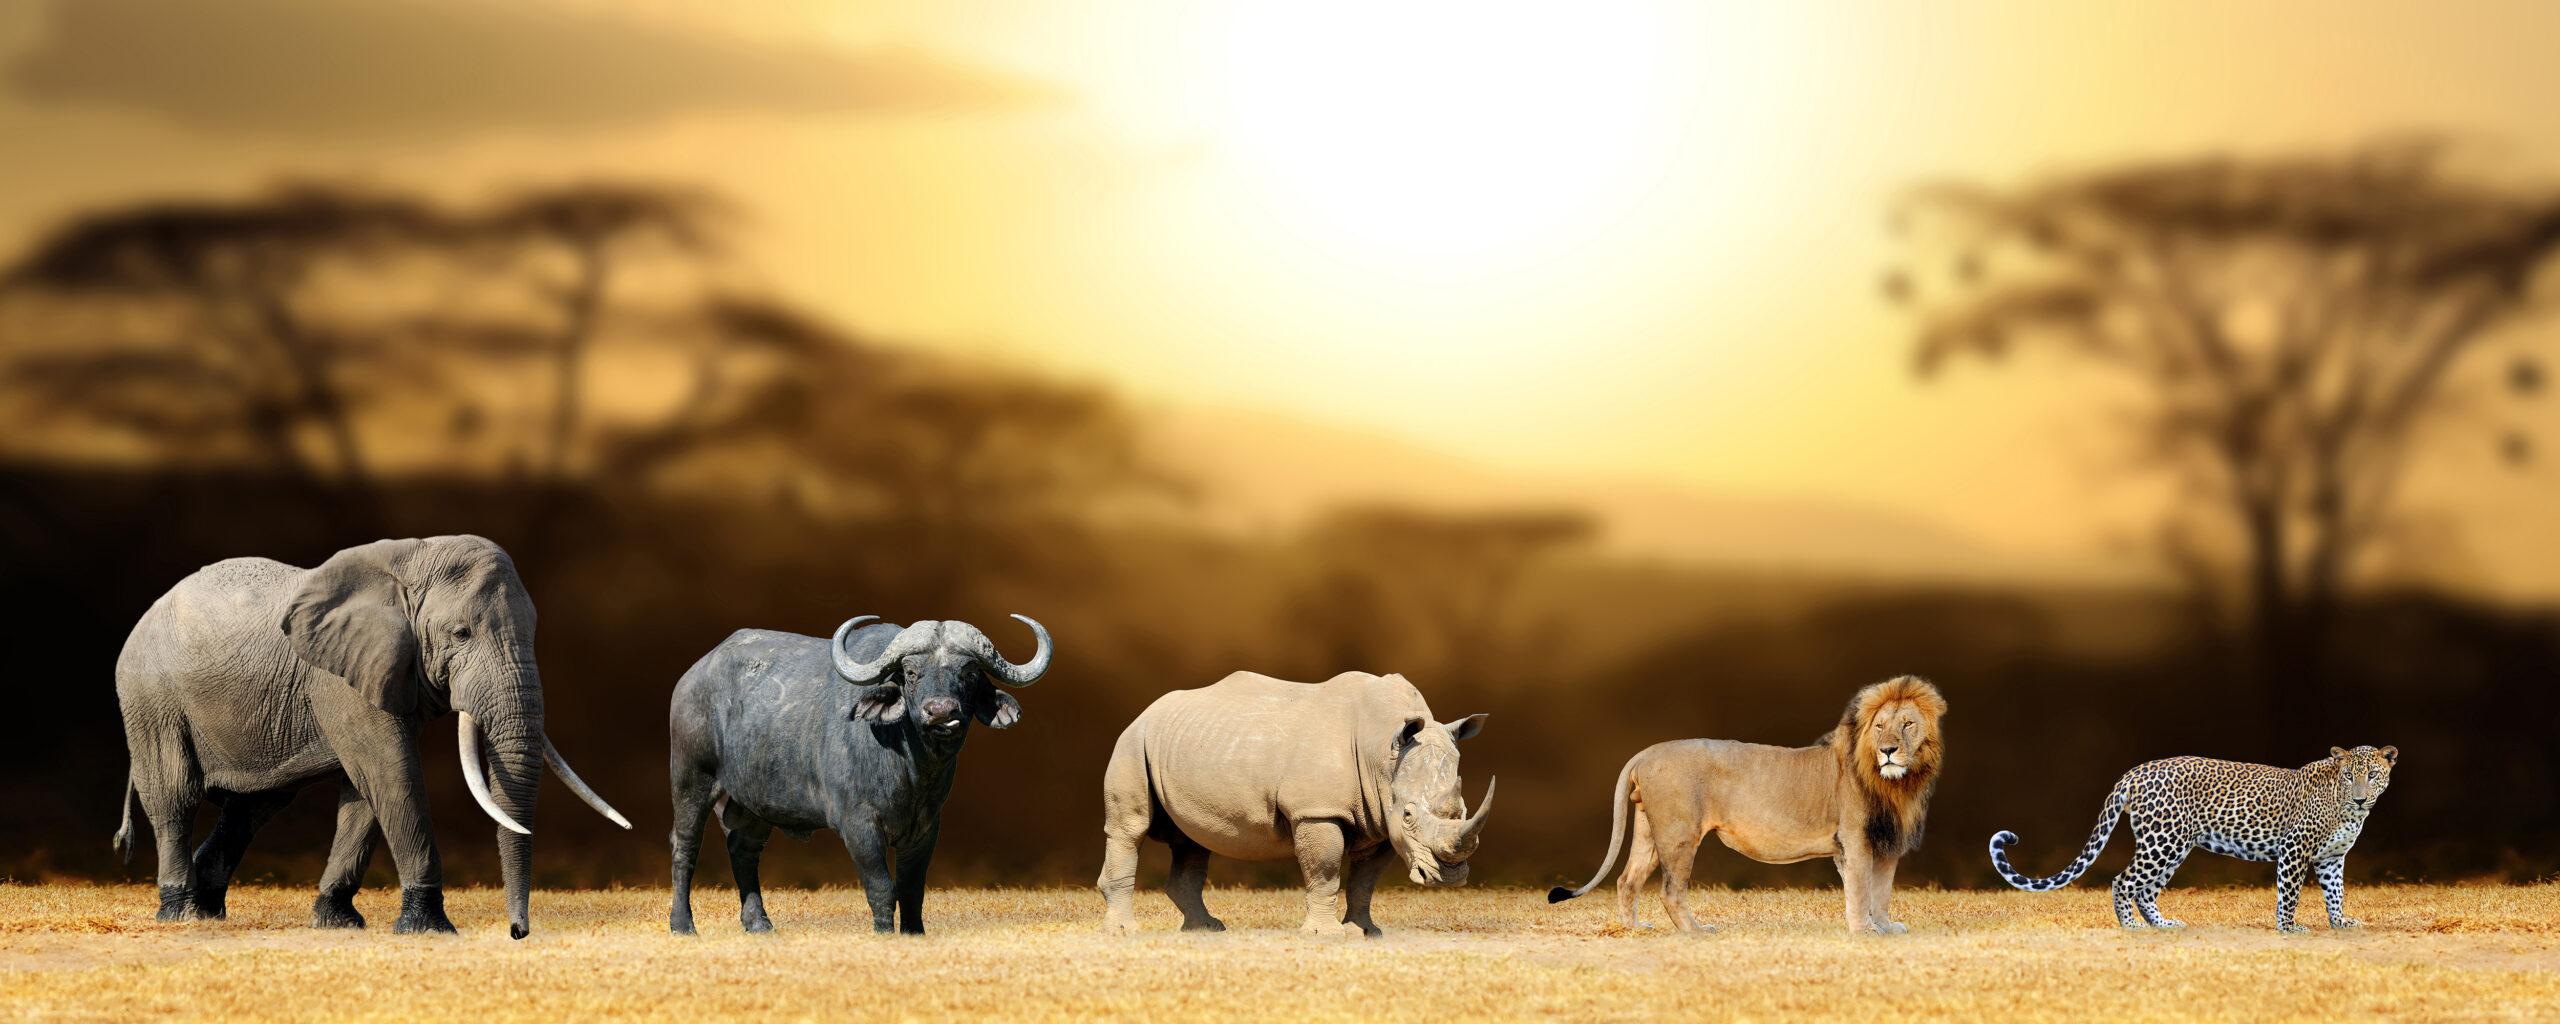 Die Big Five sind wichtige Meilensteine – ob auf einer Safari oder im Unternehmen.